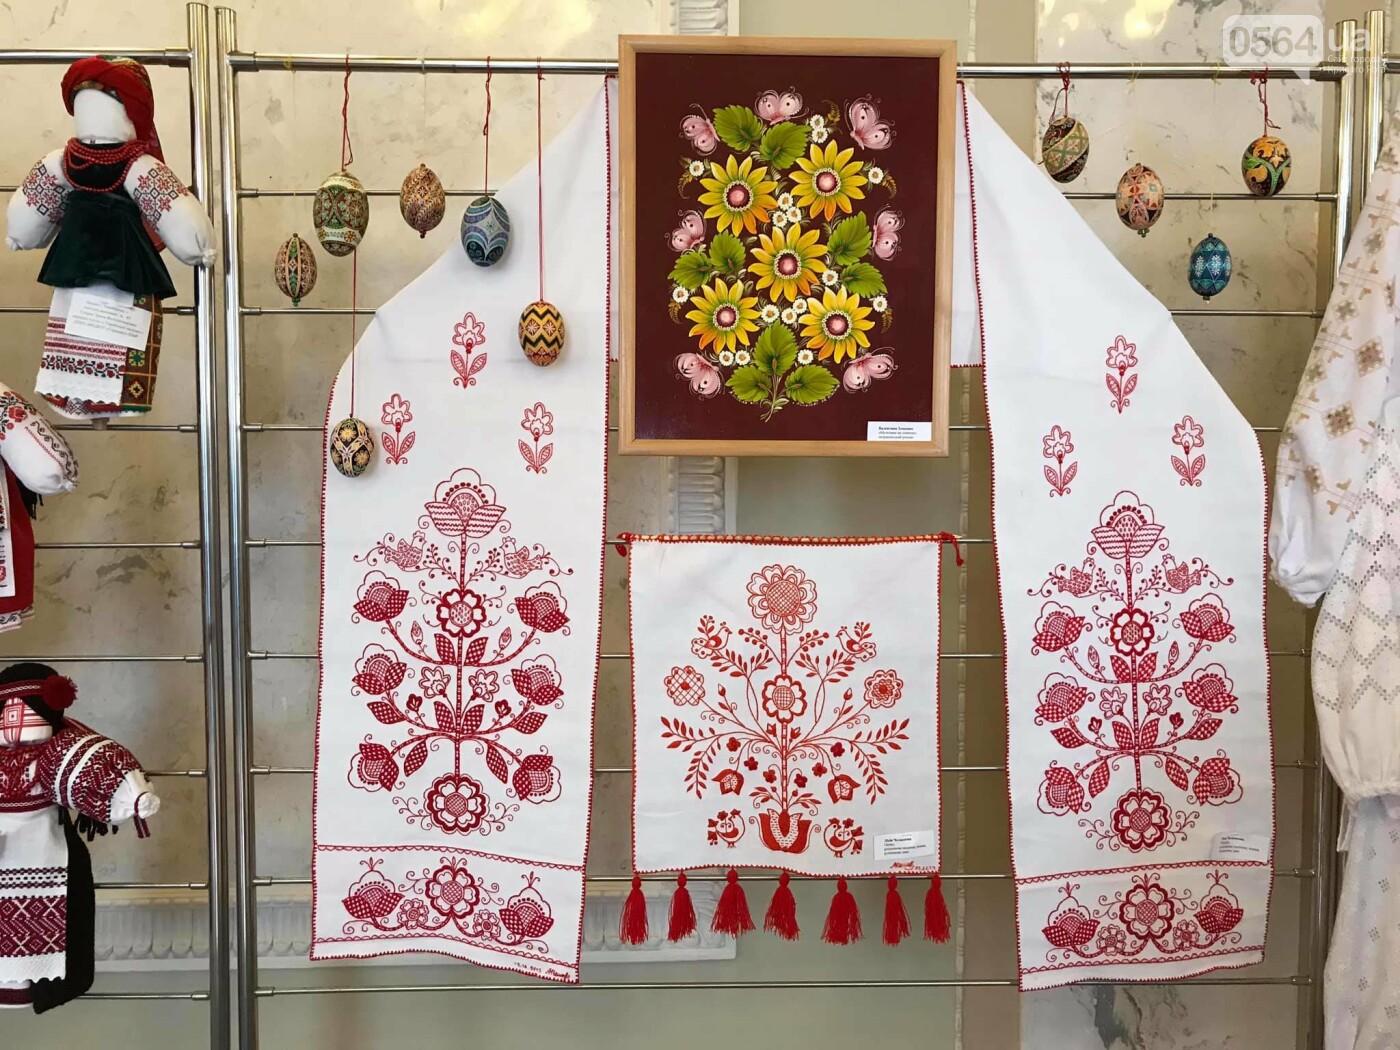 В Верховной Раде открылась выставка криворожских мастериц, - ФОТО, фото-18